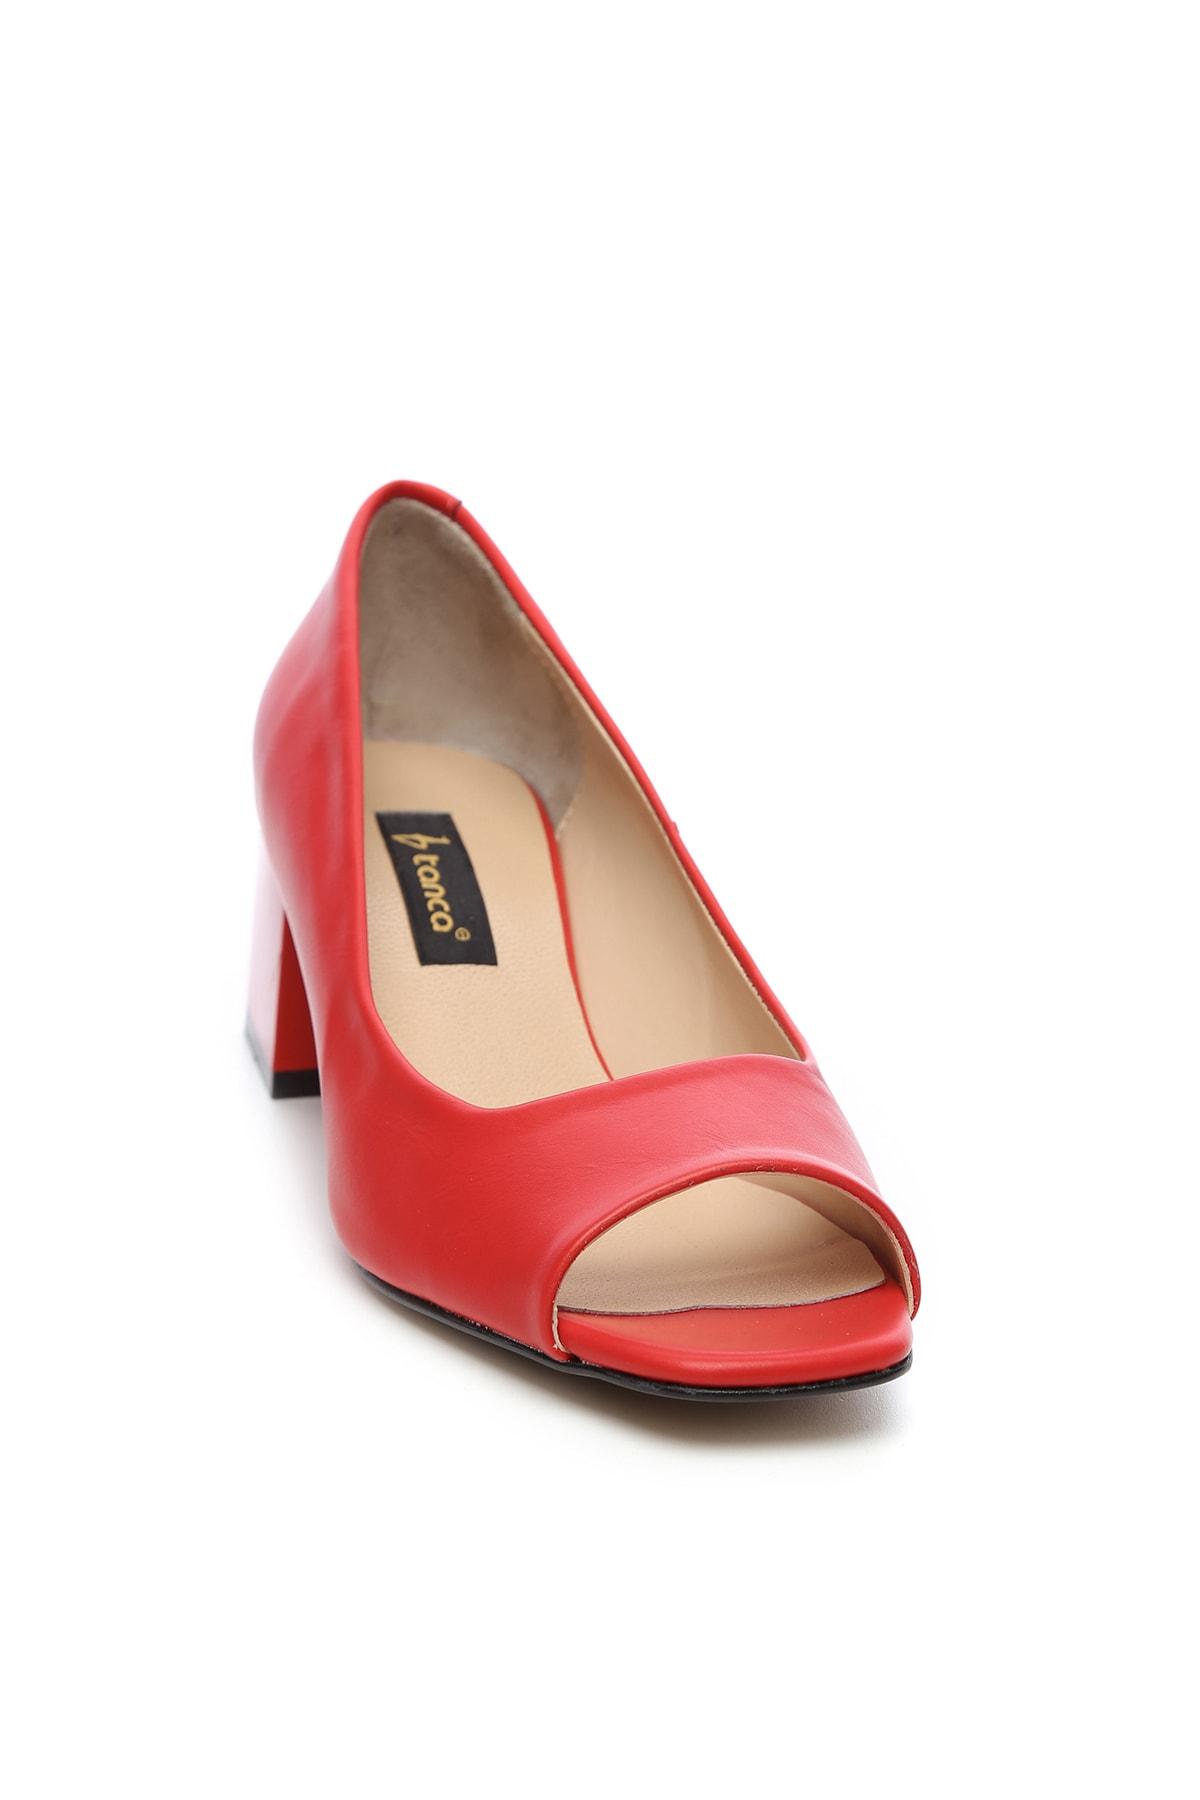 KEMAL TANCA Kırmızı Kadın Vegan Abiye Ayakkabı 22 6292 BN AYK Y19 2